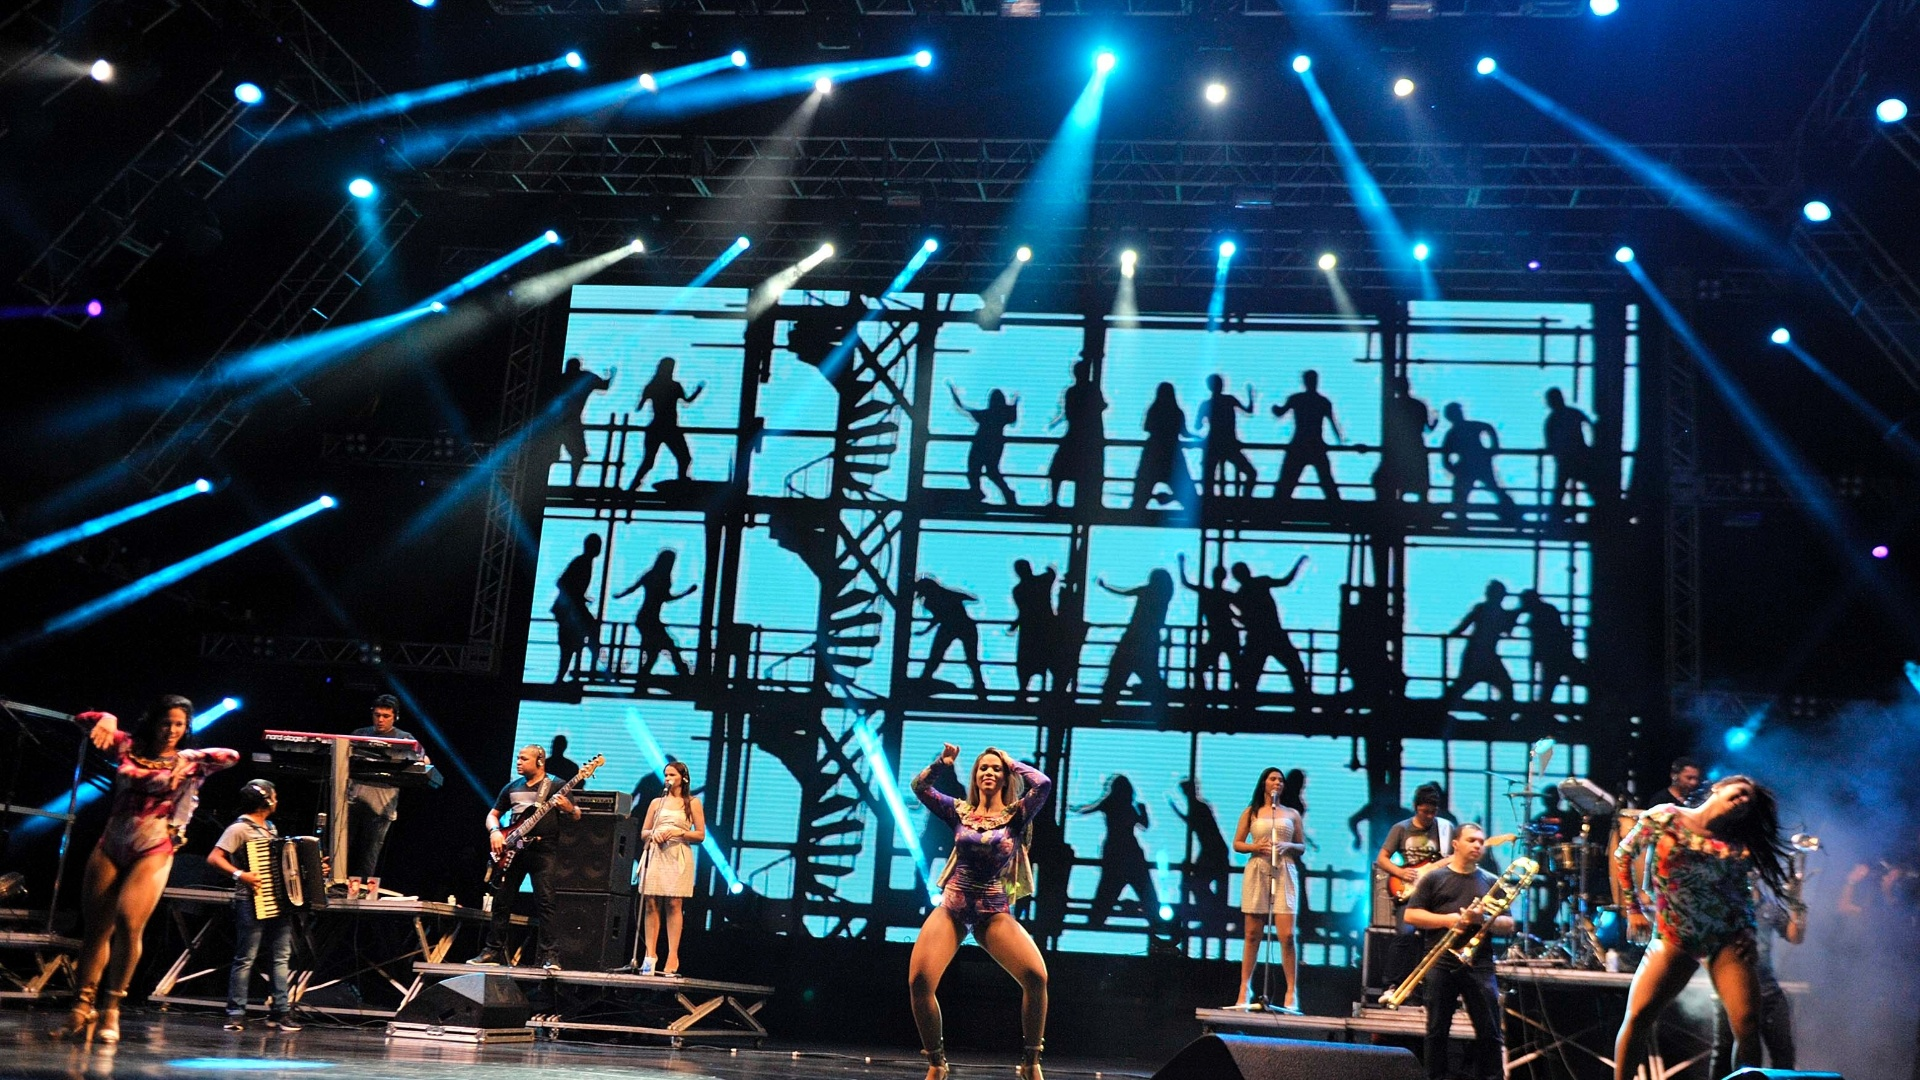 29.jan.2014 - Aviões do Forró se apresenta na primeira noite do Festival de Verão de Salvador. O evento, que acontece até o dia 1 de fevereiro na capital baiana, reúne astros de ritmos como axé, sertanejo, pagode e rap